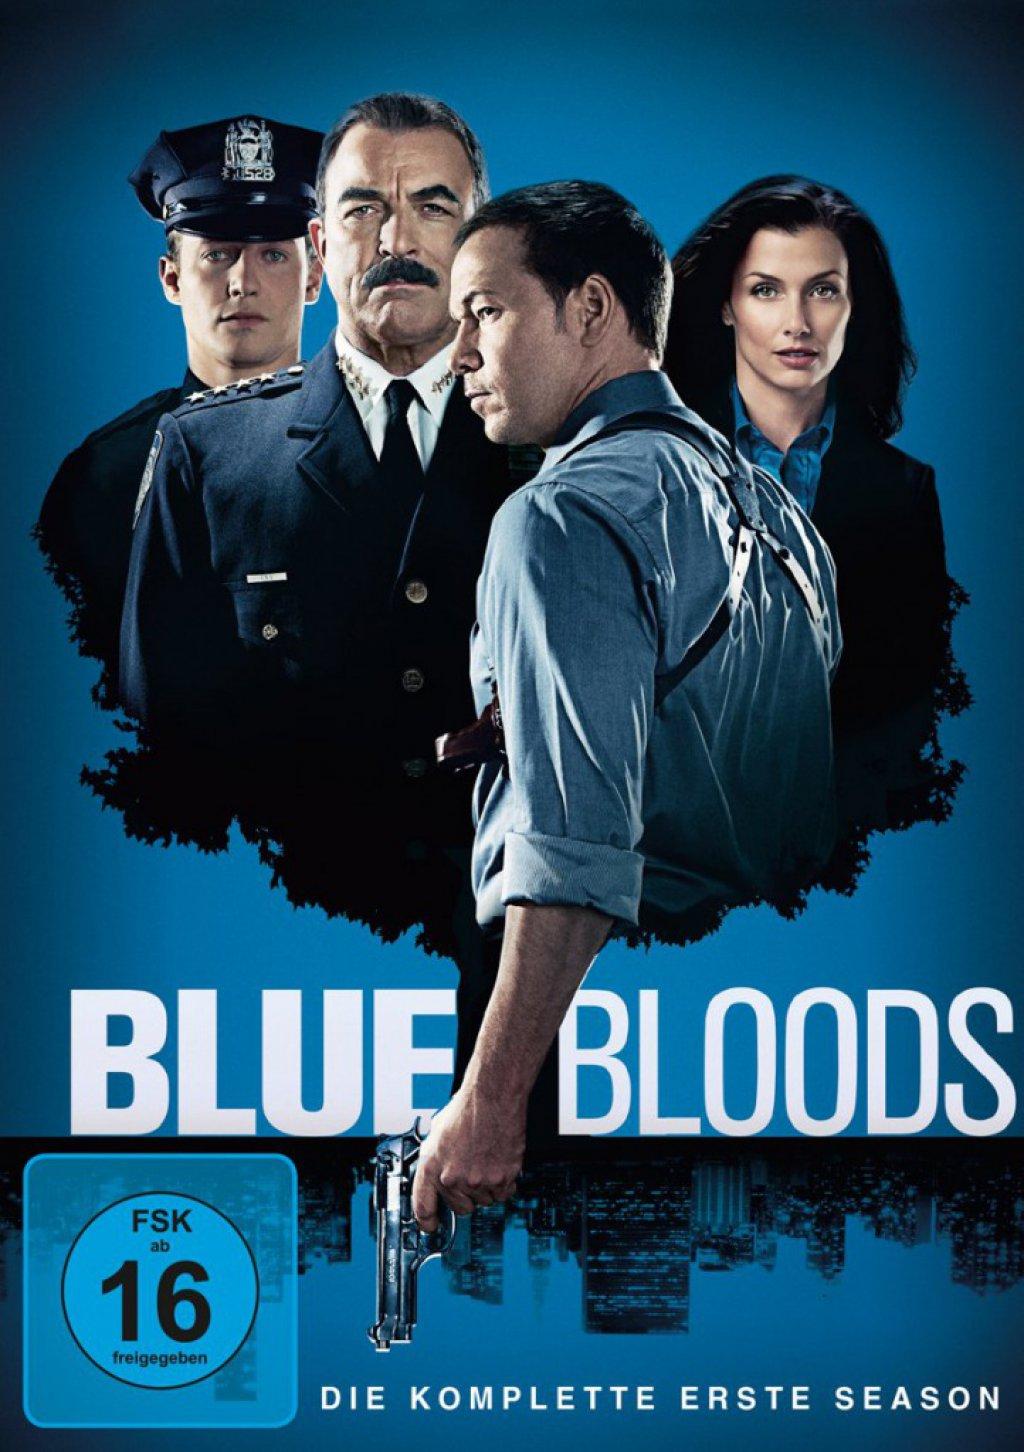 Blue Bloods Staffel 2